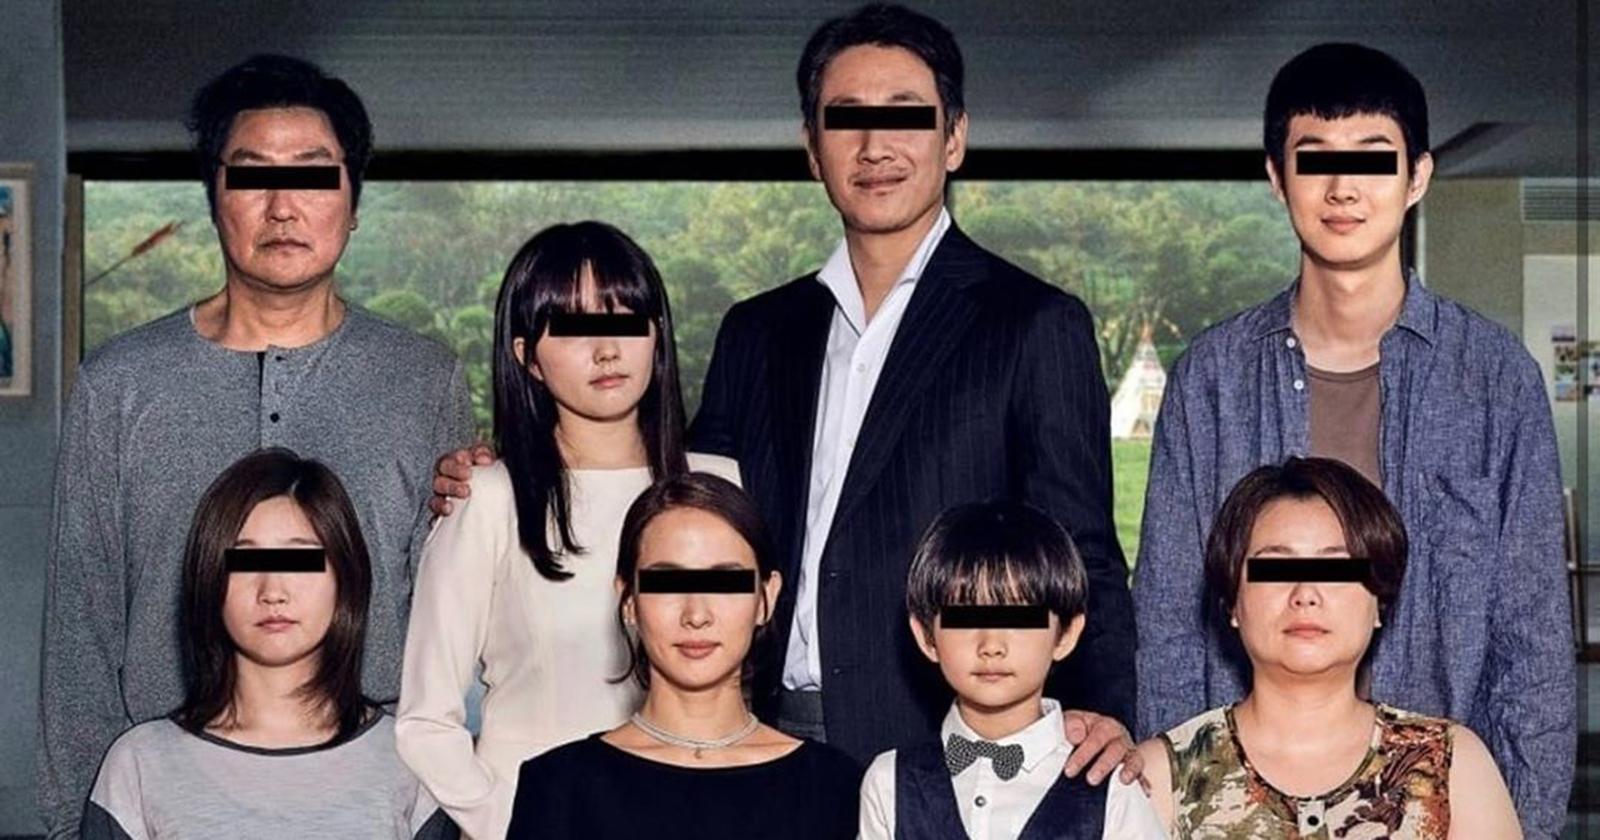 Todos los personajes de la película Parasites con los ojos censurados